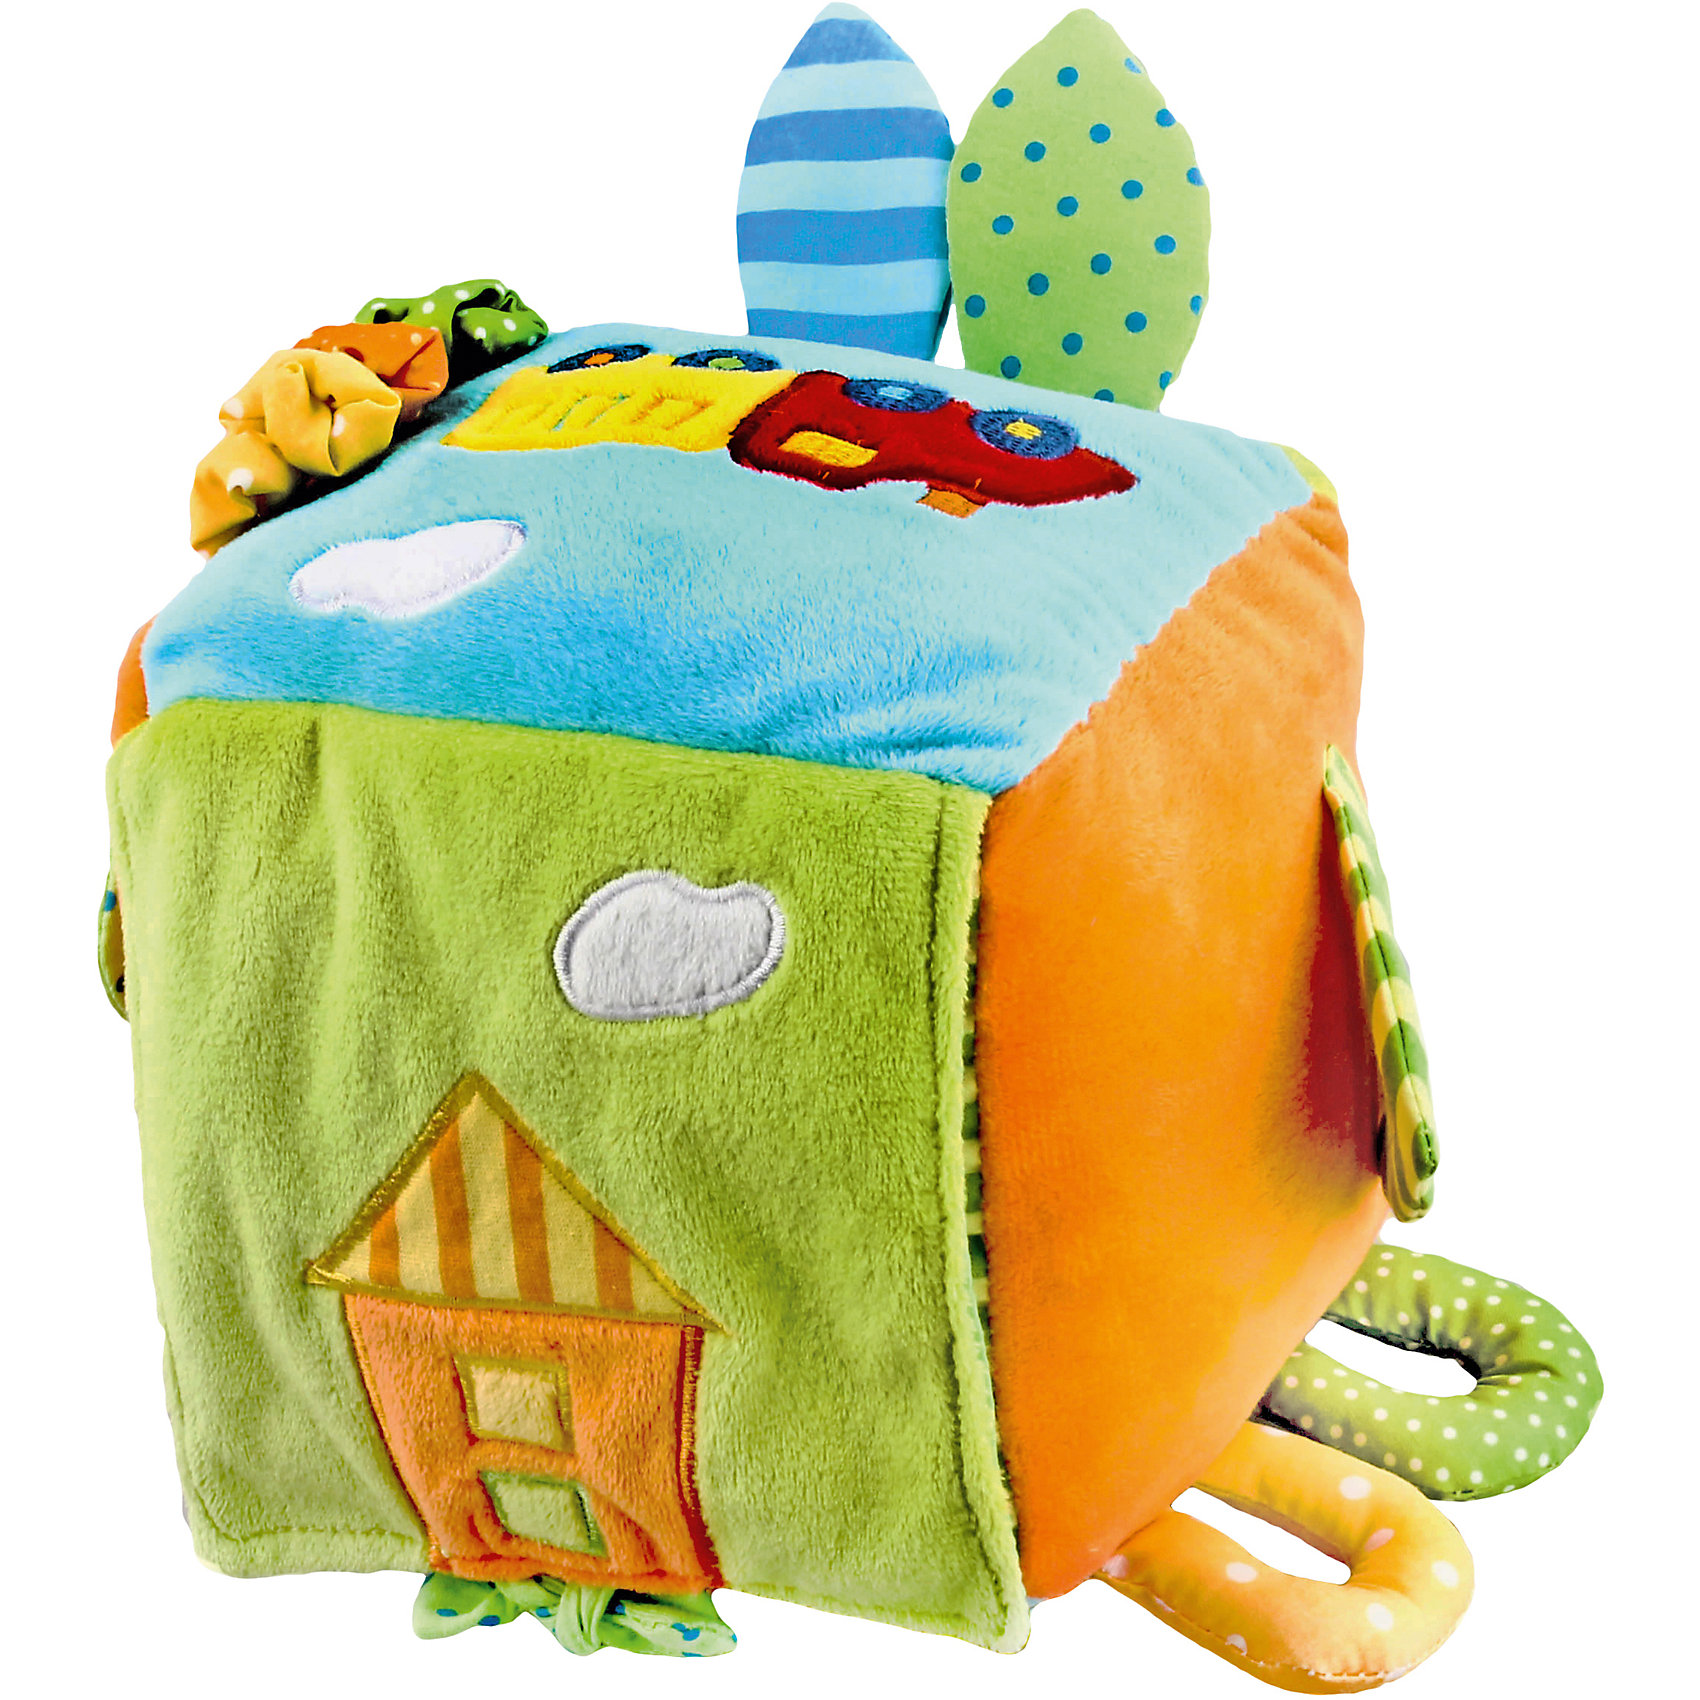 Развивающая игрушка Куб Поезд, ЖирафикиРазвивающие игрушки должны быть у каждого малыша. Такие игрушки будут не только развивать способности малыша во время веселой игры, но и радовать глаз, потому что современные развивающие модели красивые и обладают стильным дизайном. Новая игрушка «Куб Поезд» - мягкая игрушка, которая издает звуки, ели ее потрясти. Есть завязочки, которые развивают тактильные ощущения. Тренирует слух и улучшает мелкую моторику малыша. Материалы, использованные при изготовлении товара, абсолютно безопасны и отвечают всем международным требованиям по качеству.<br><br>Дополнительные характеристики:<br><br>материал: текстиль;<br>цвет: разноцветный;<br>габариты: 20 X 16 X 30 см.<br><br>Развивающую игрушку  Куб Поезд от компании Жирафики можно приобрести в нашем магазине.<br><br>Ширина мм: 620<br>Глубина мм: 720<br>Высота мм: 560<br>Вес г: 264<br>Возраст от месяцев: 3<br>Возраст до месяцев: 36<br>Пол: Унисекс<br>Возраст: Детский<br>SKU: 5032560